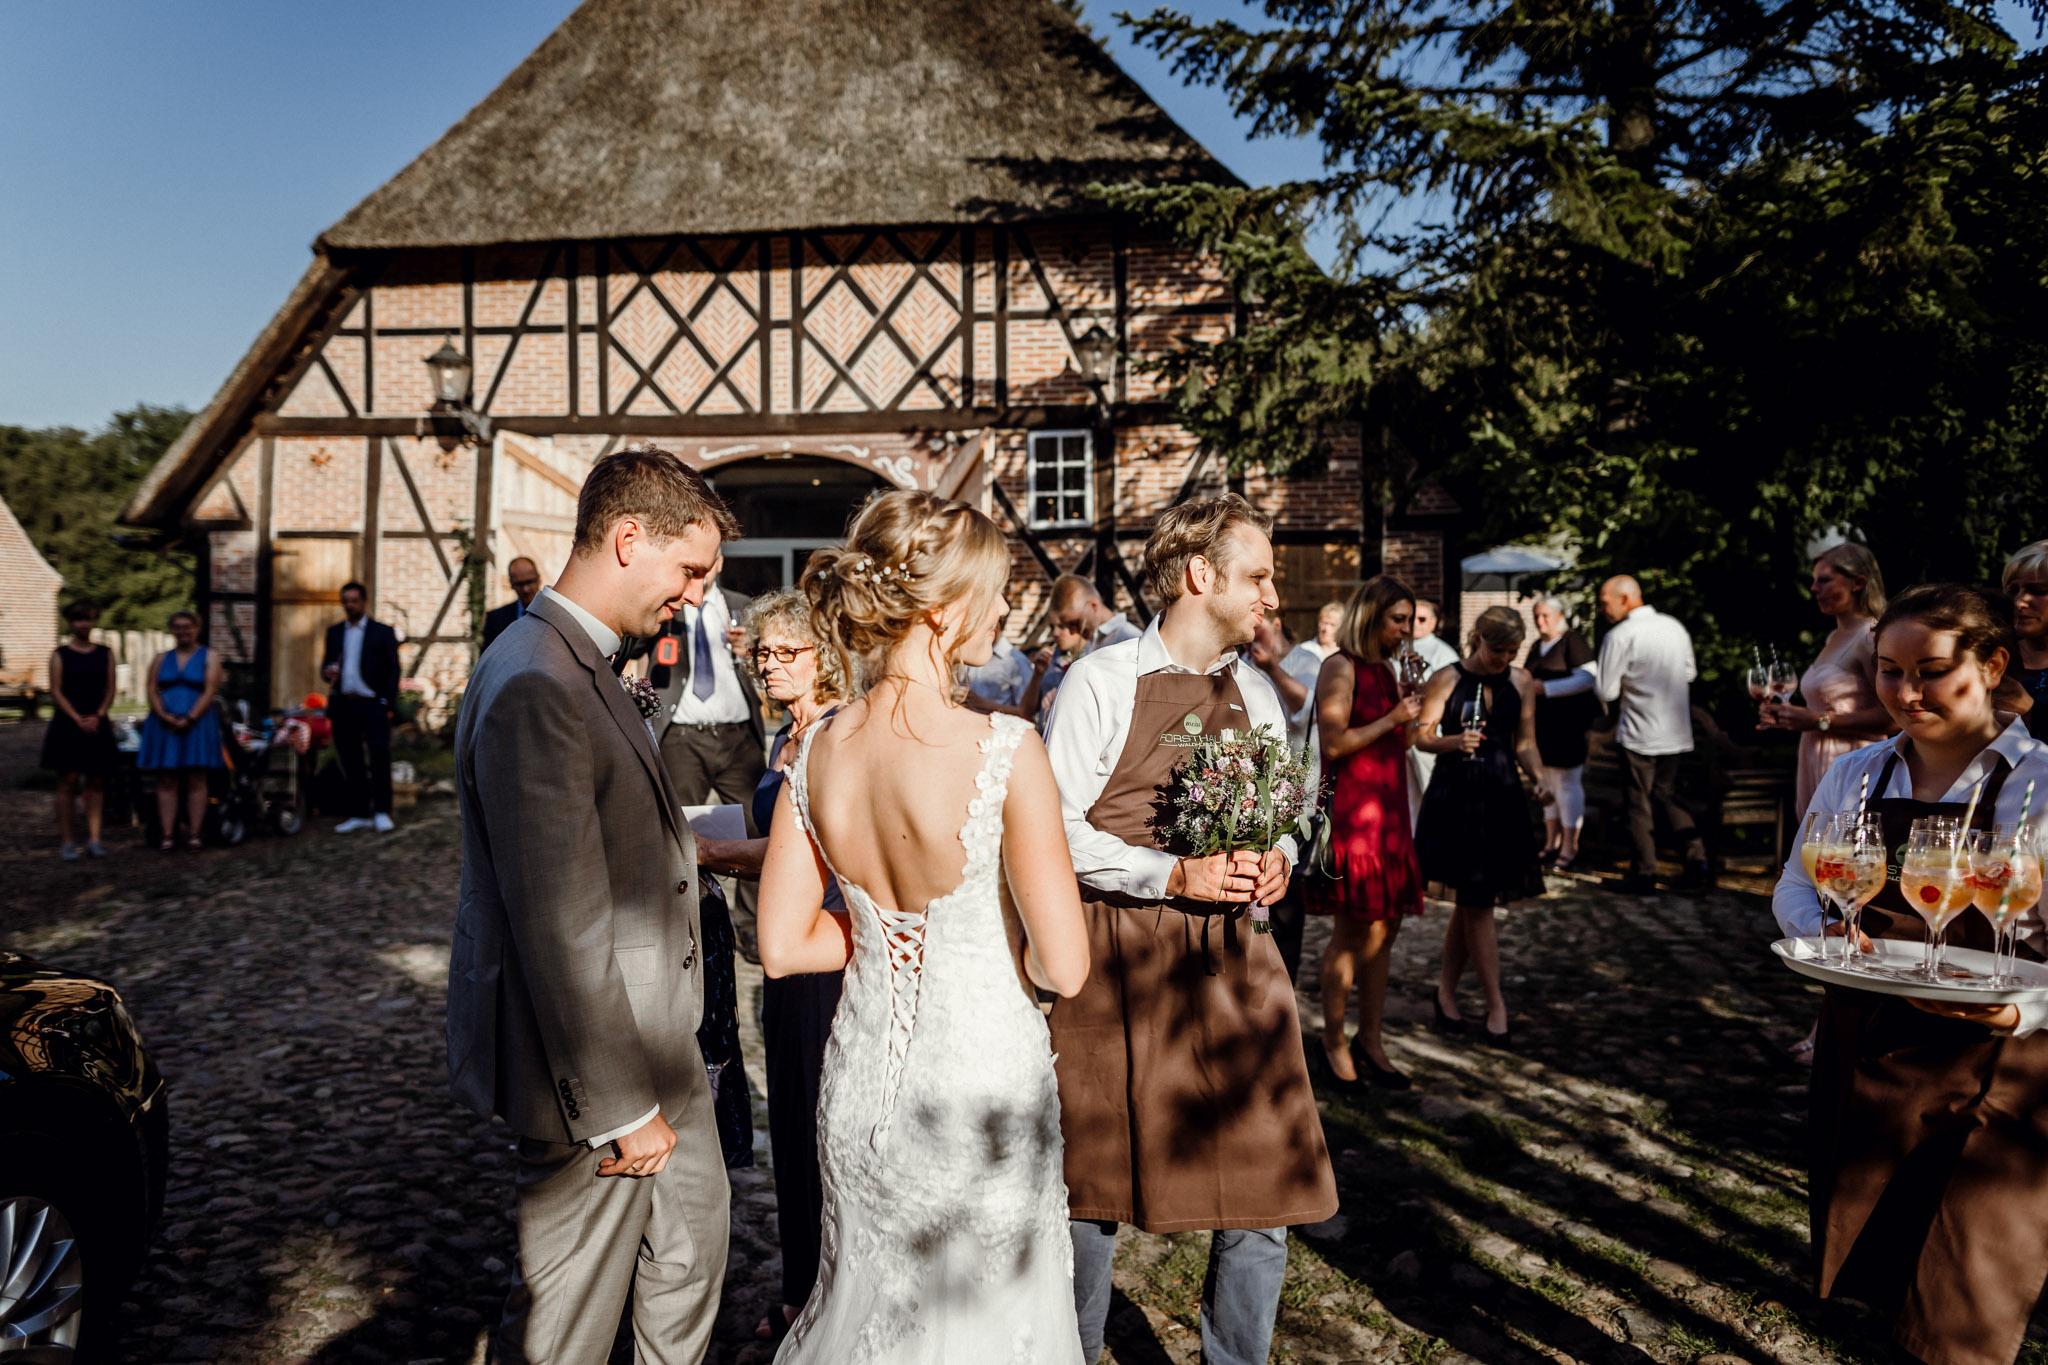 Sven Schomburg Hochzeitsfotografie, Hamburg, Mölln, Hochzeitsfieber by Photo-Schomburg, Hochzeitsreportage, Forsthaus Waldhusen, Braut, Bräutigam-60